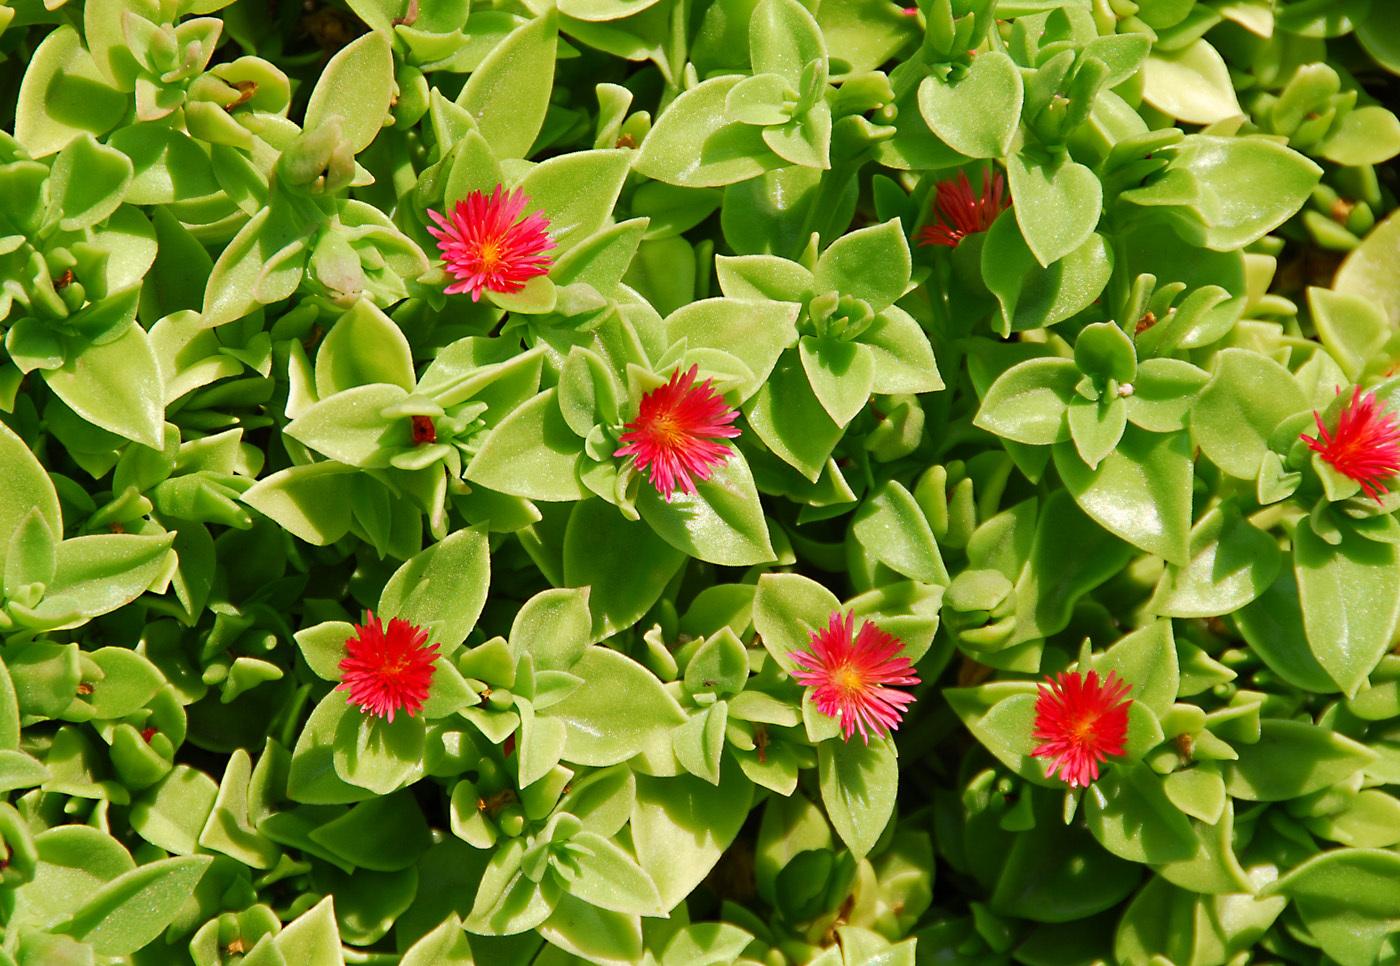 https://pictures.bgbm.org/digilib/Scaler?fn=Cyprus/Aptenia_cordifolia_B1.jpg&mo=file